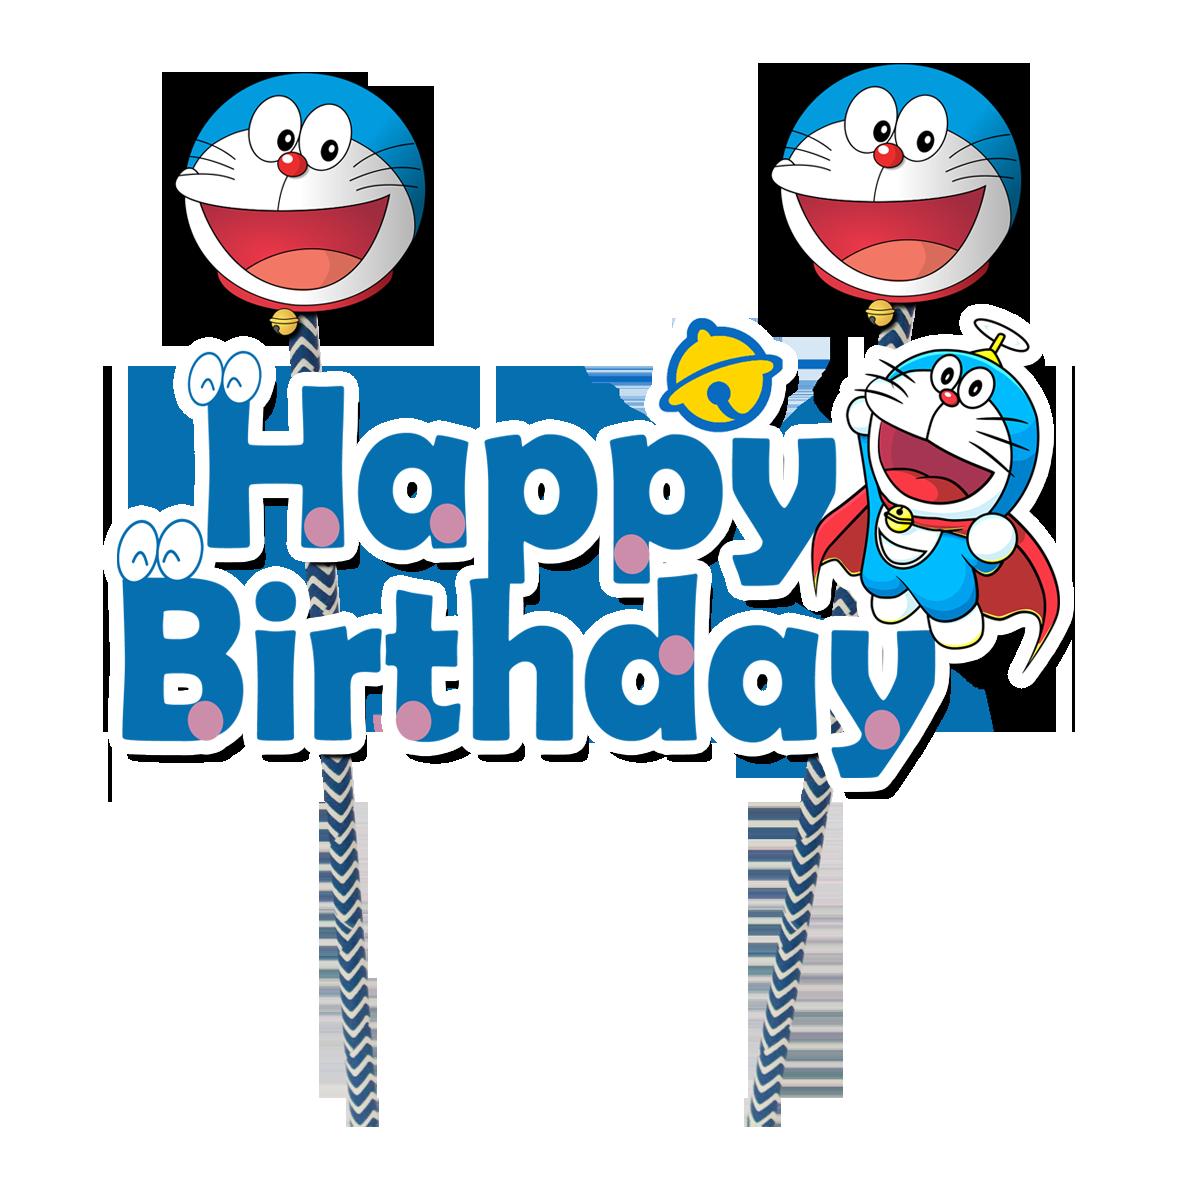 Gambar Doraemon Keren Png Koleksi Gambar Hd Gambar Doraemon Png